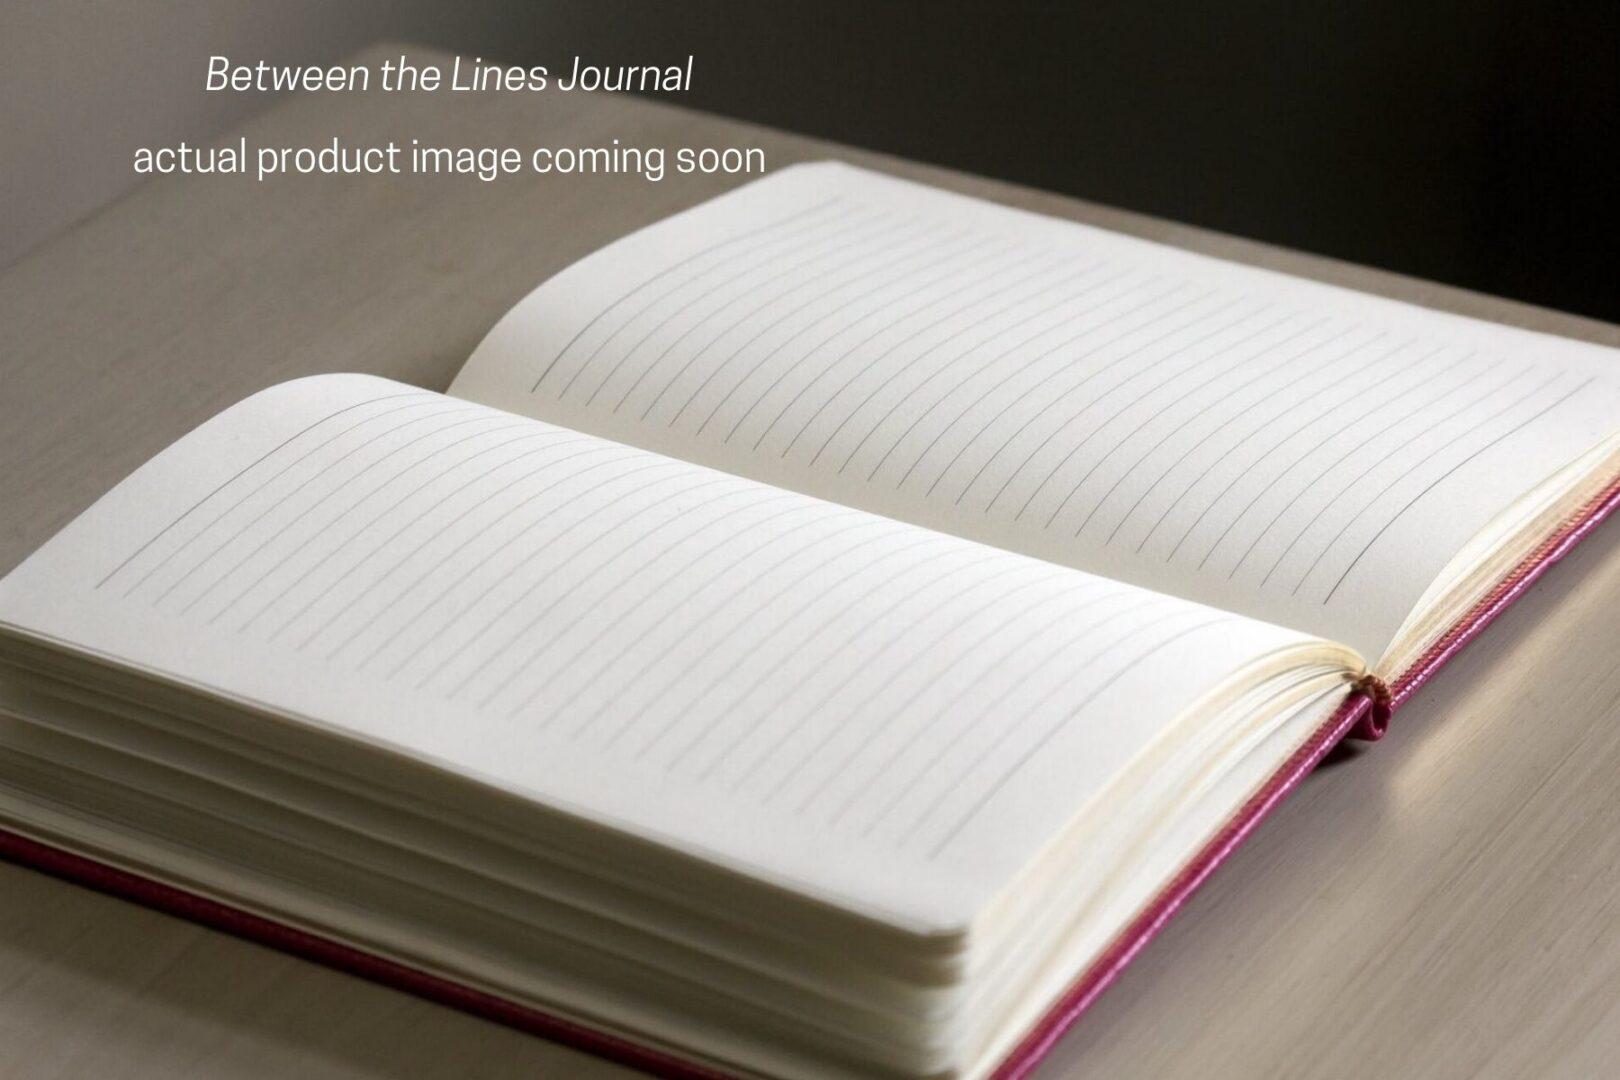 Fake Journal 2